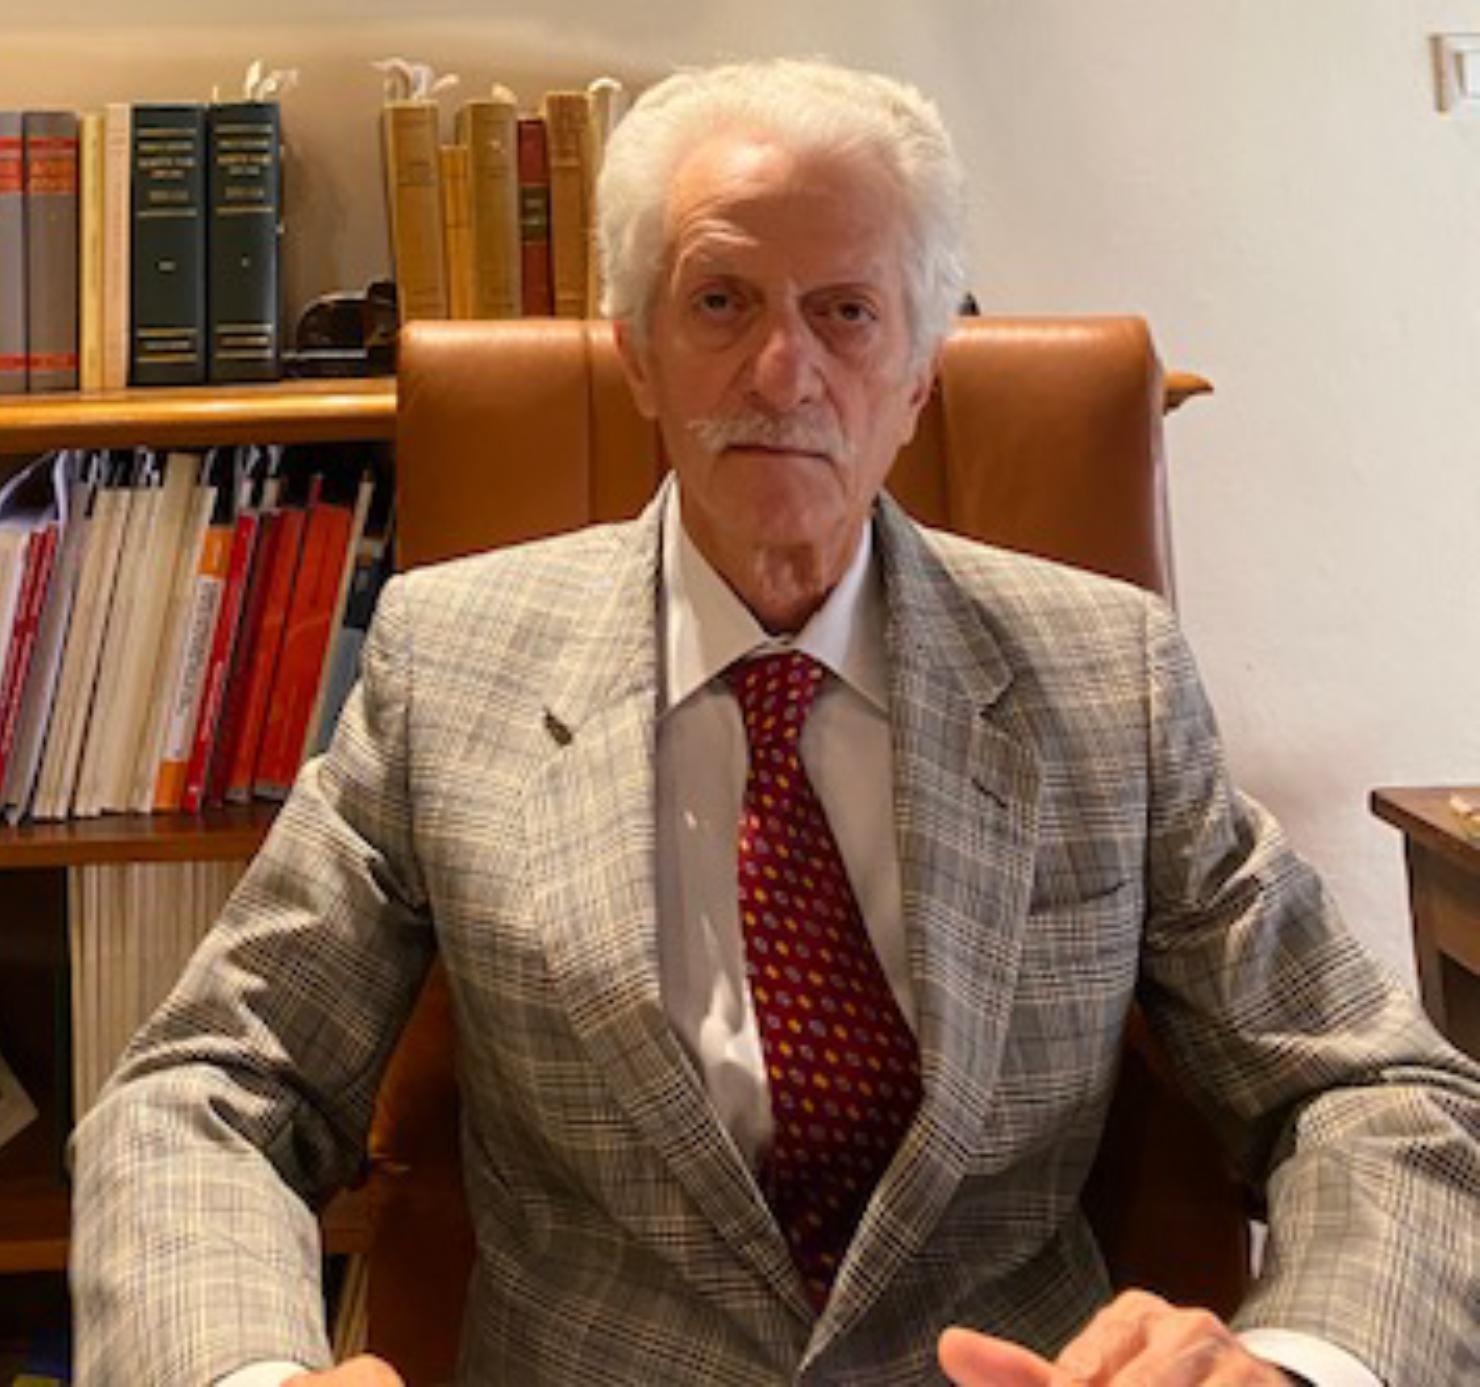 Capodaglio dott. Gianfranco